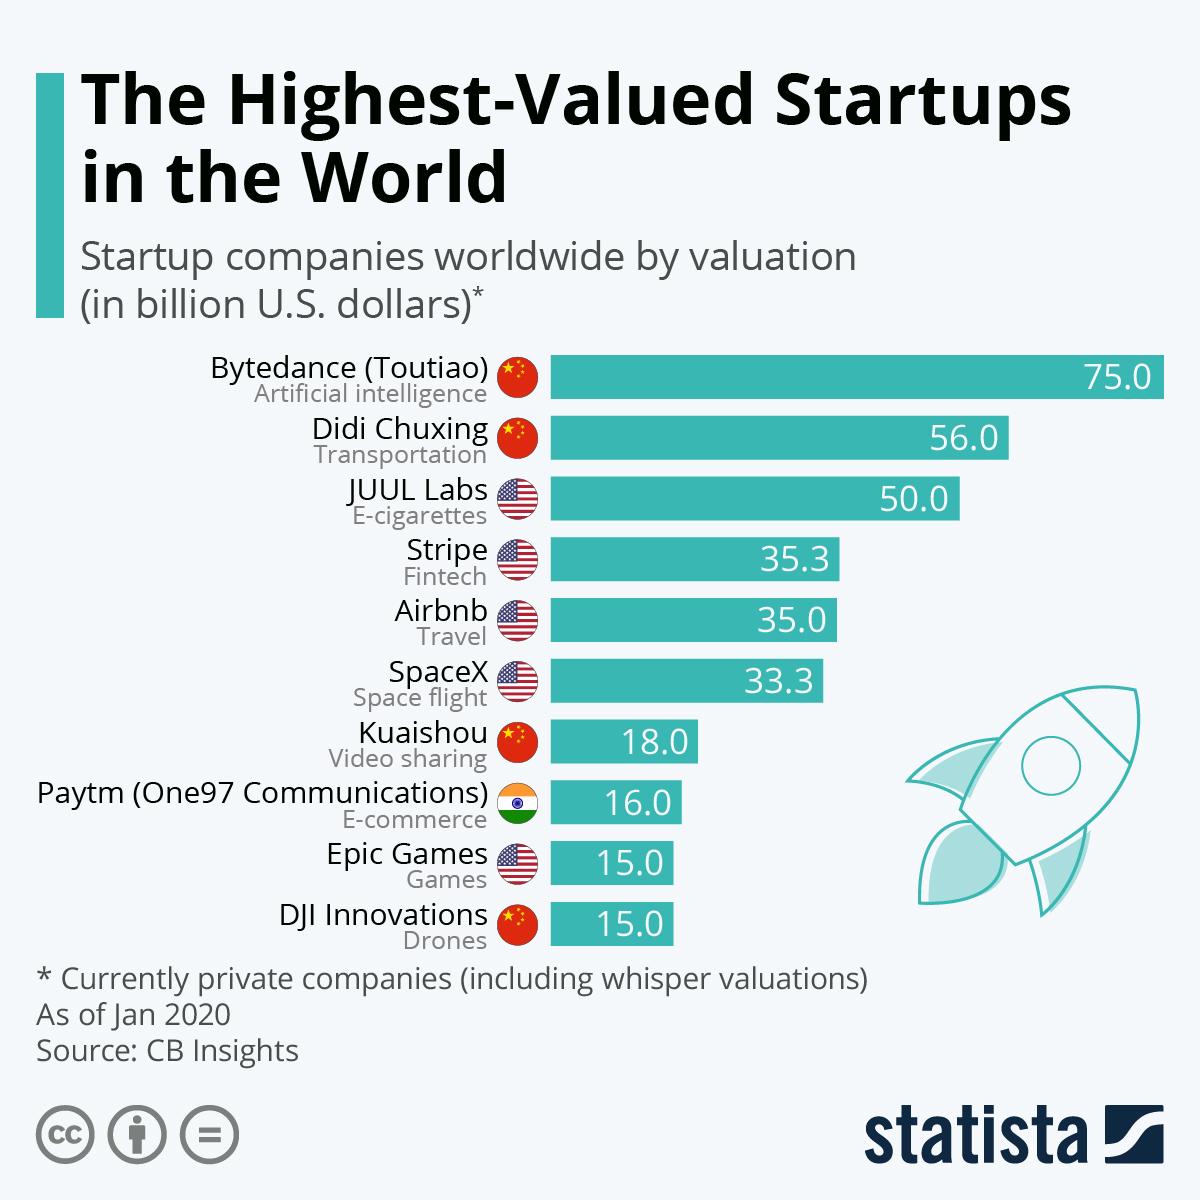 Highest-Valued Startups